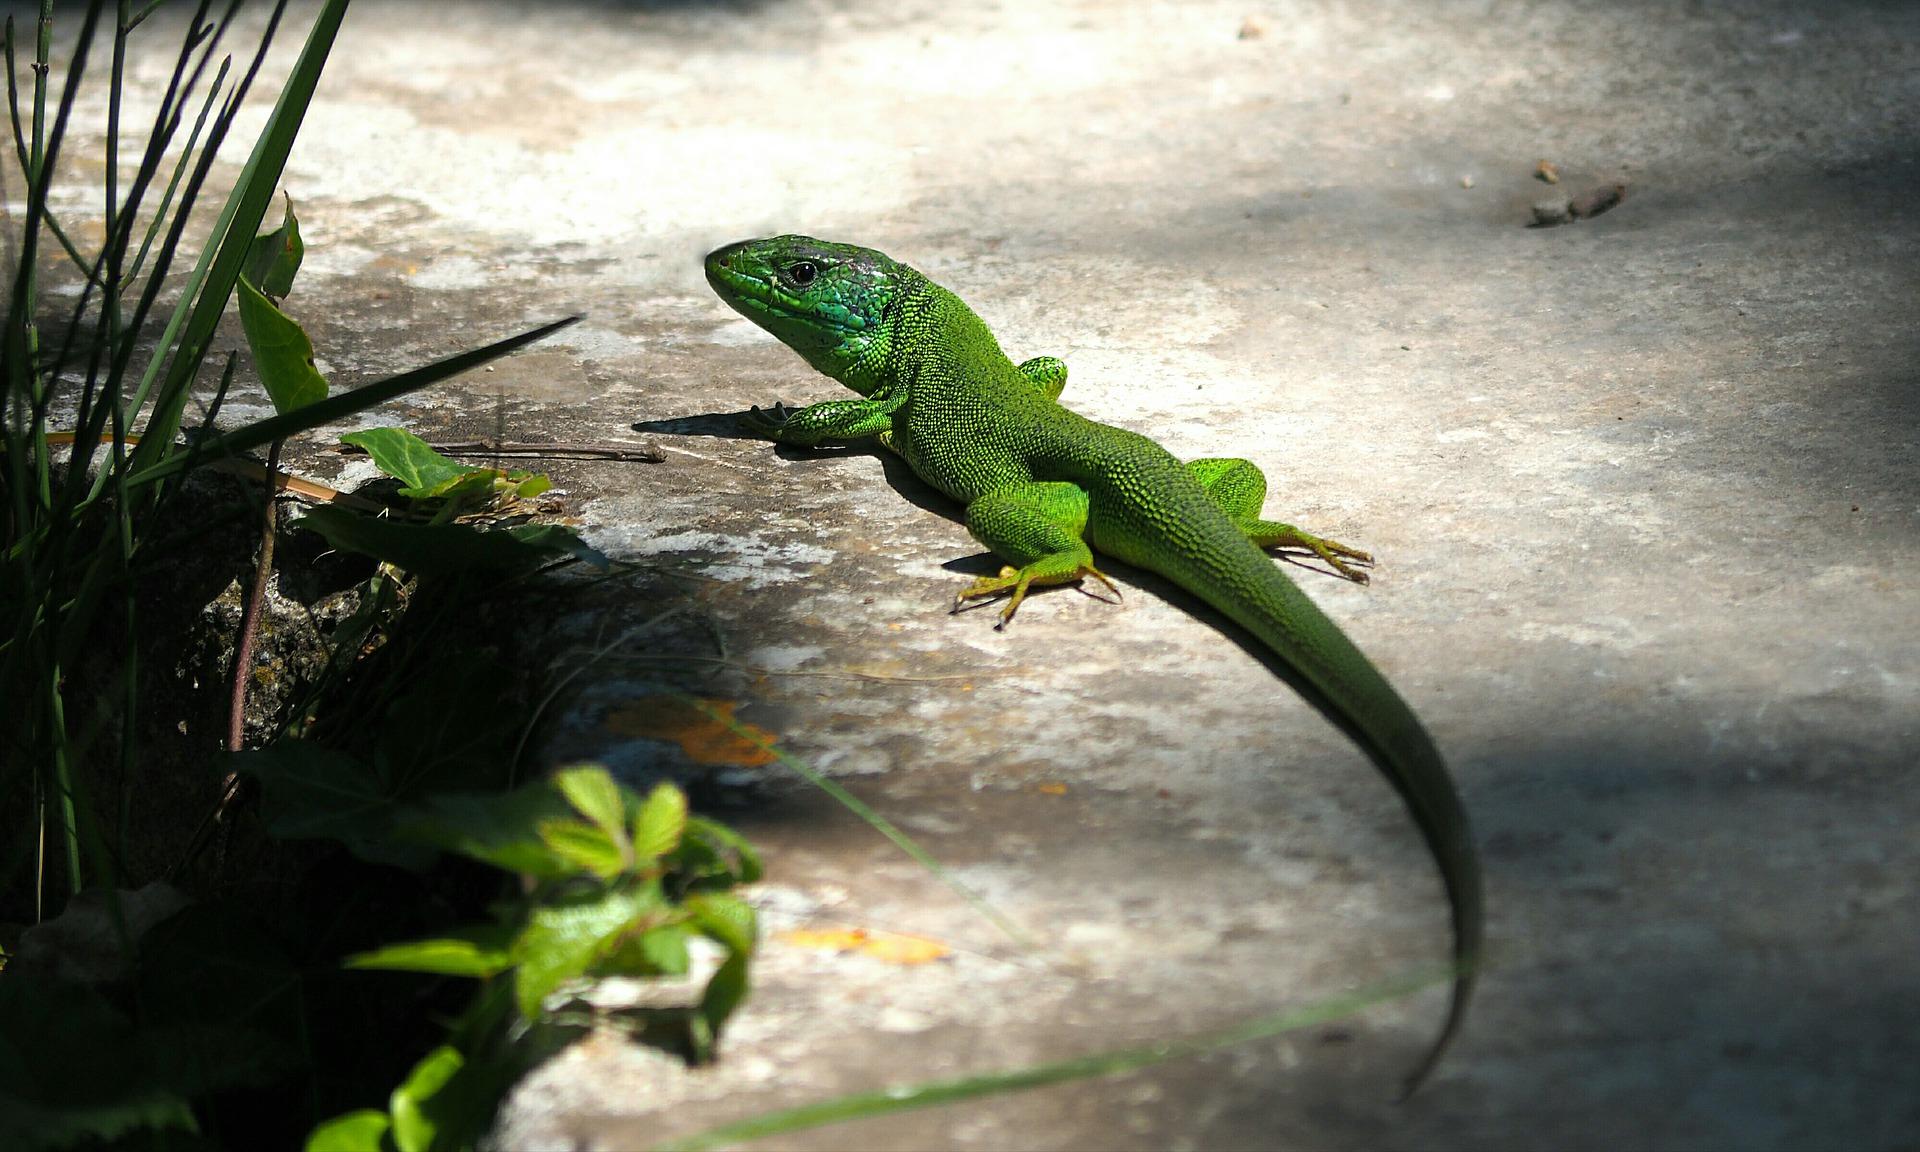 lizard-2305160_1920 pixabay.jpg